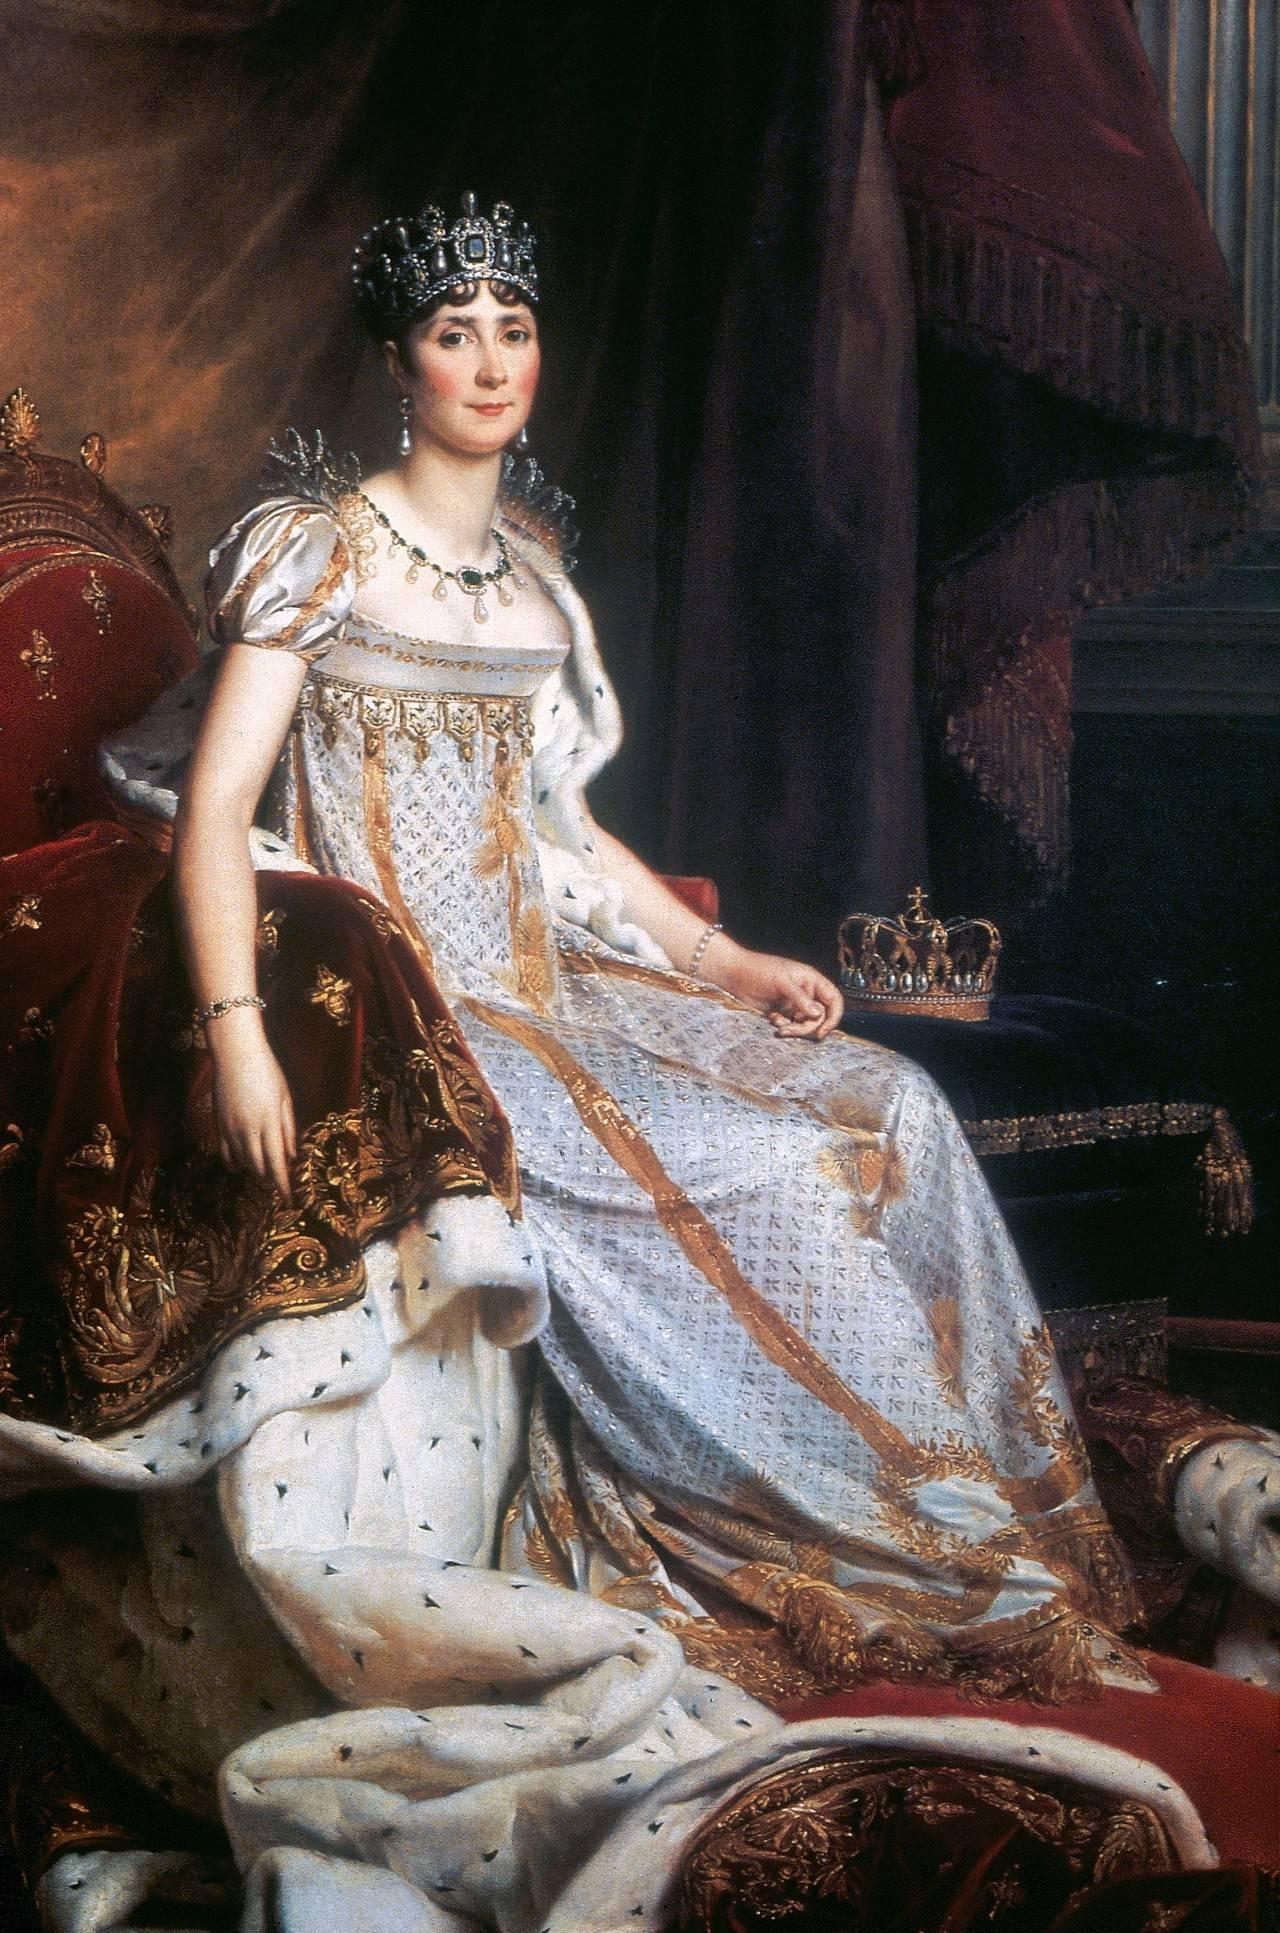 看西方绘画史 却安利了这些名贵珠宝